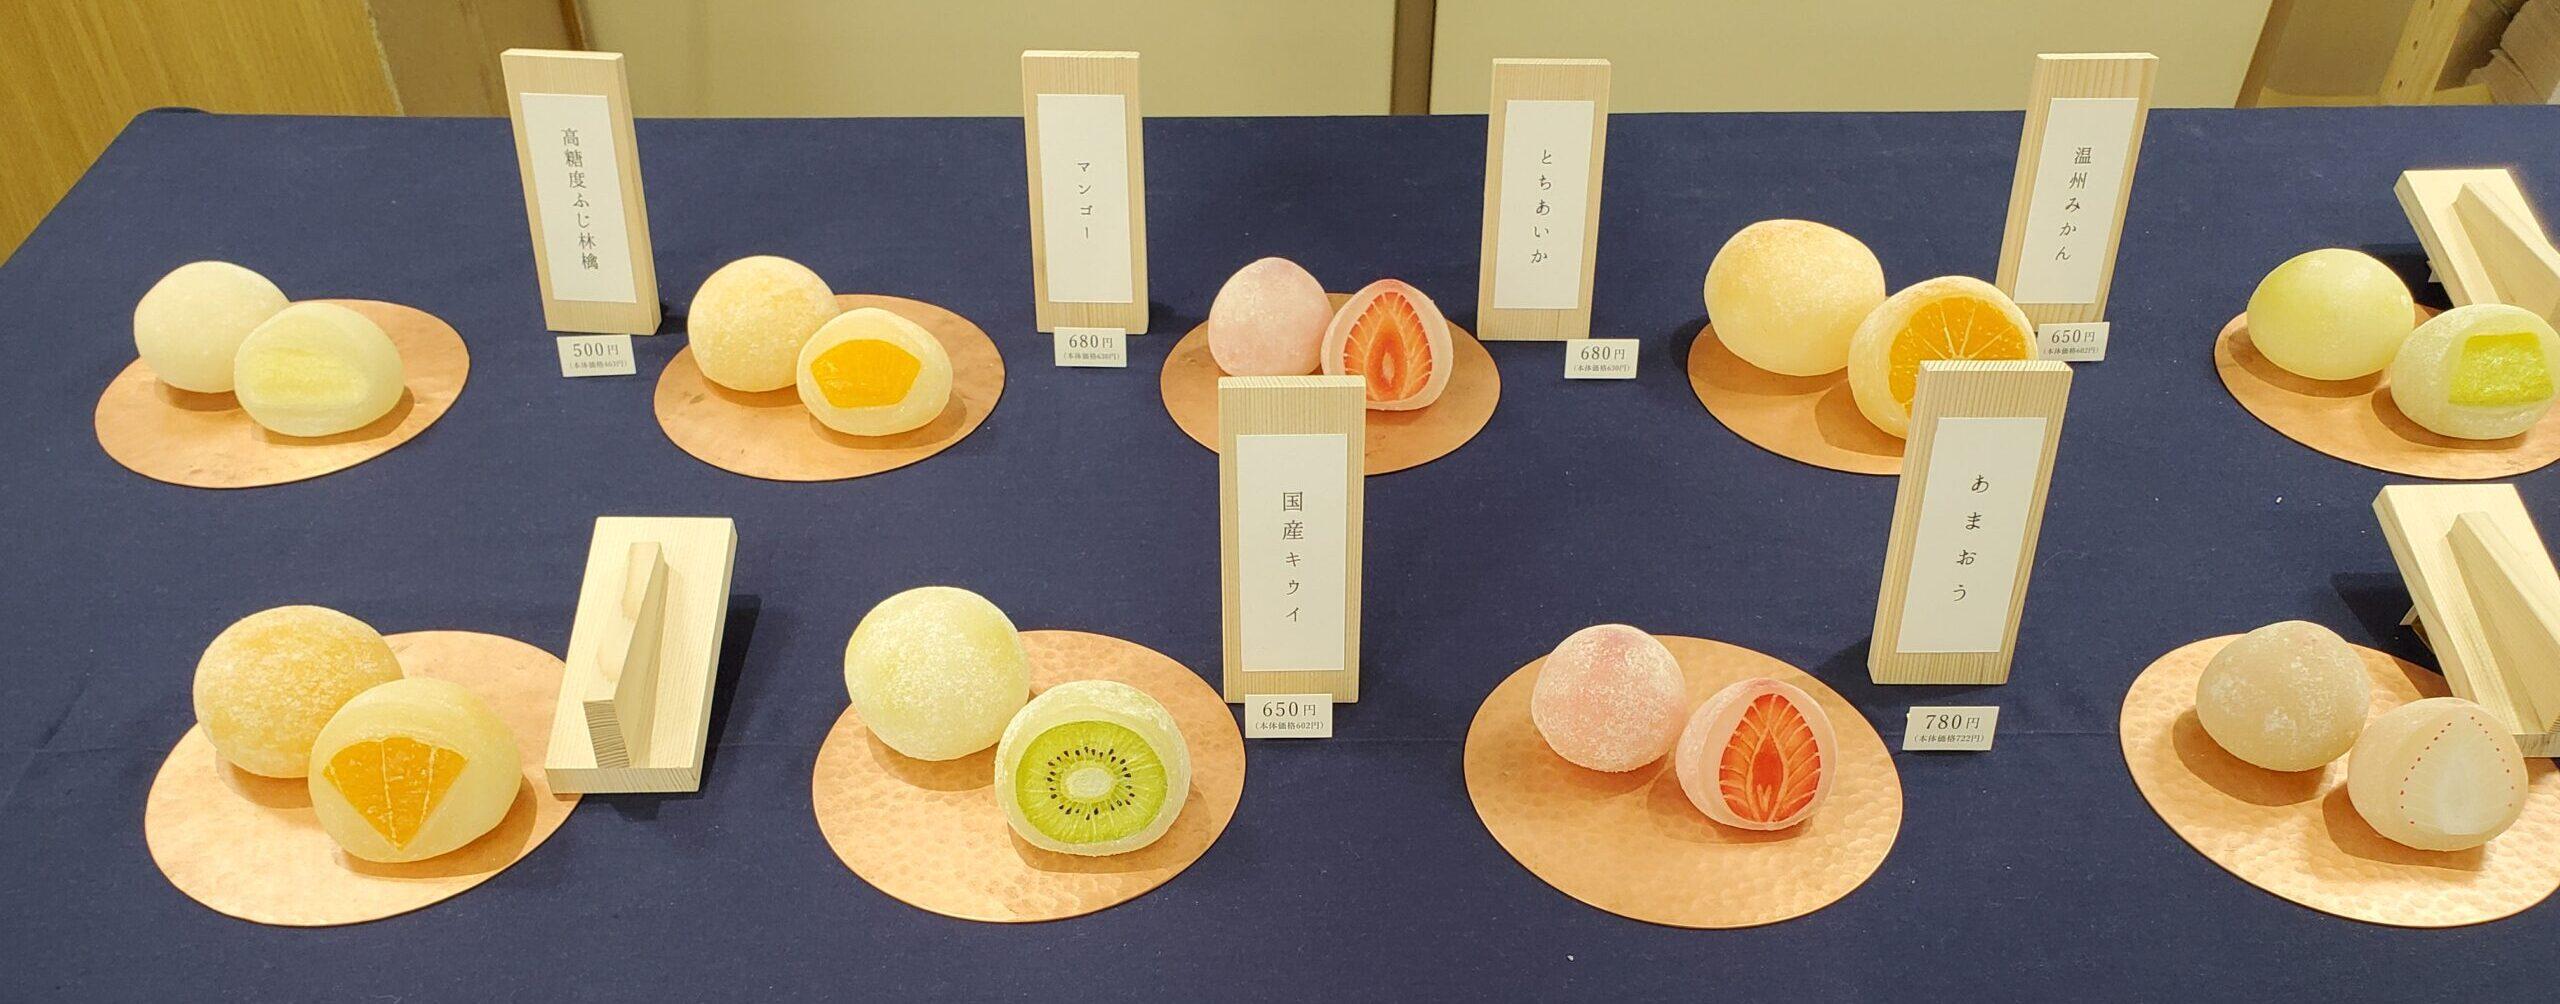 image benzaiten fruit daihaku